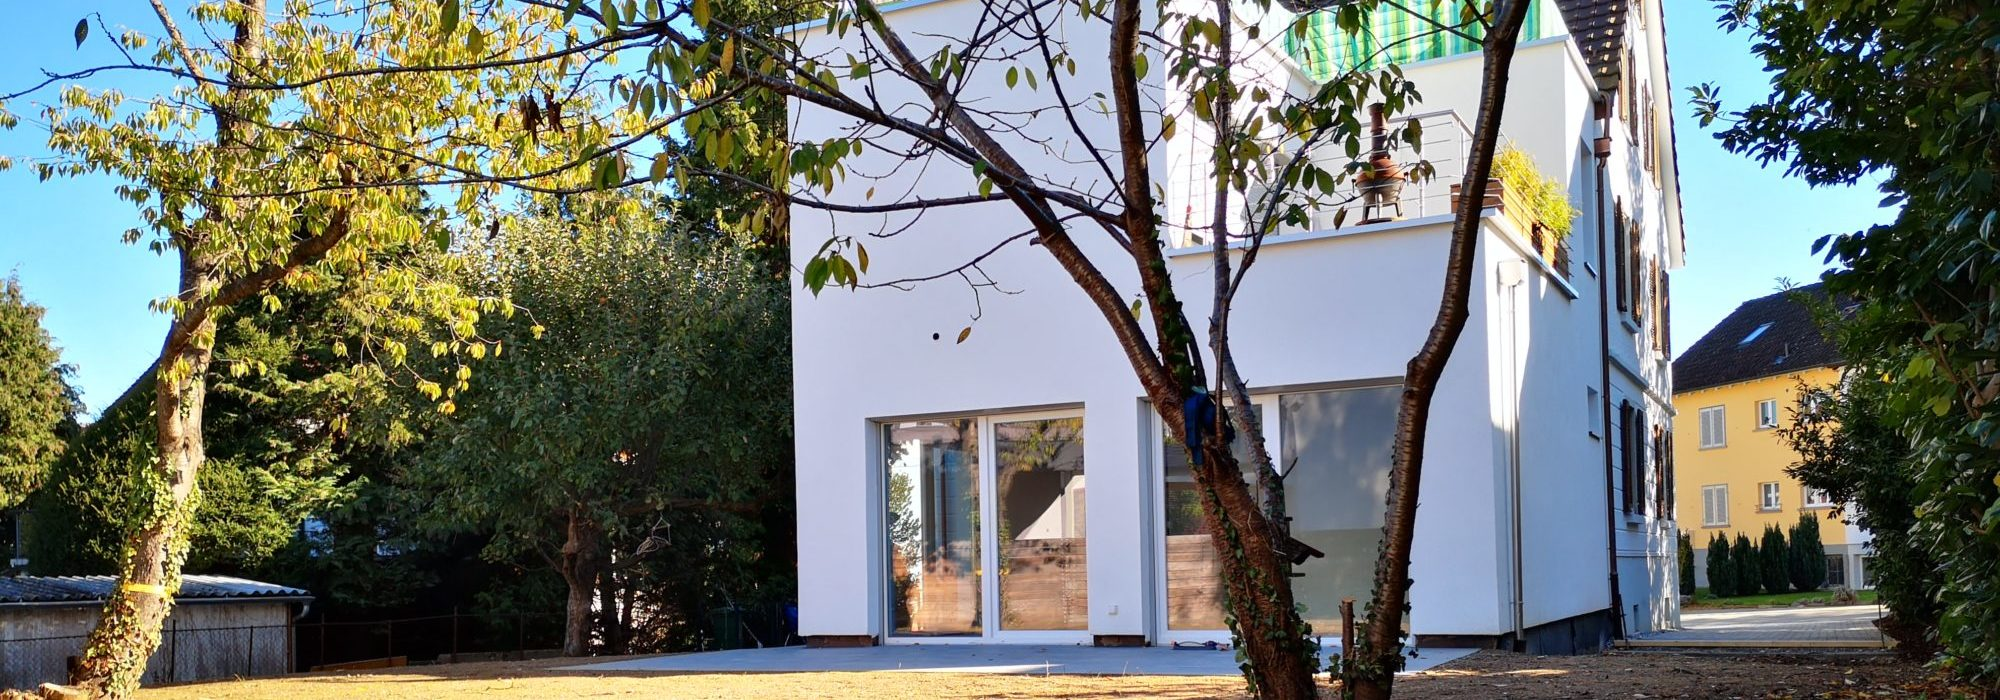 Grüne Oase im Zentrum: Vollsanierte Altbauwohnung mit 260m²grossem Garten